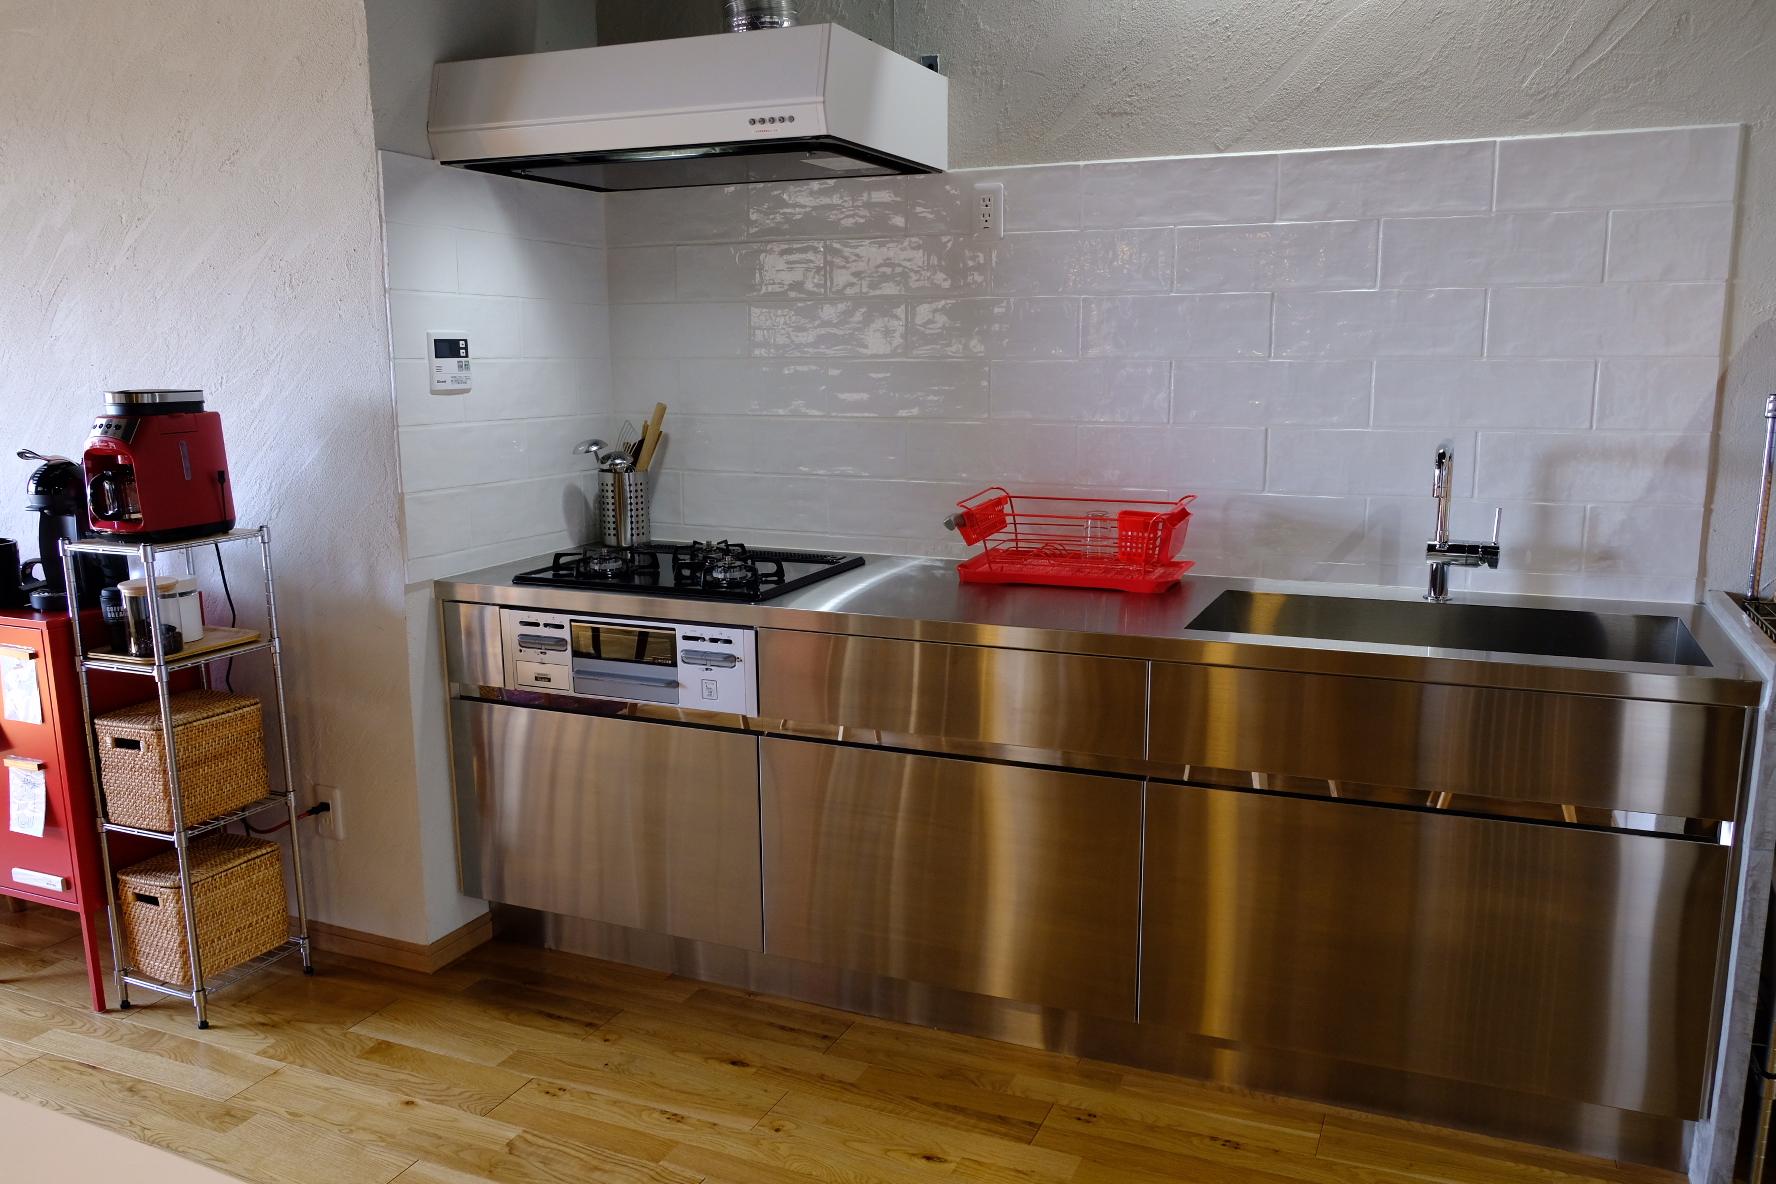 「無駄なくスマートに、インテリアを引き締めるI型キッチン」 by takayoさん